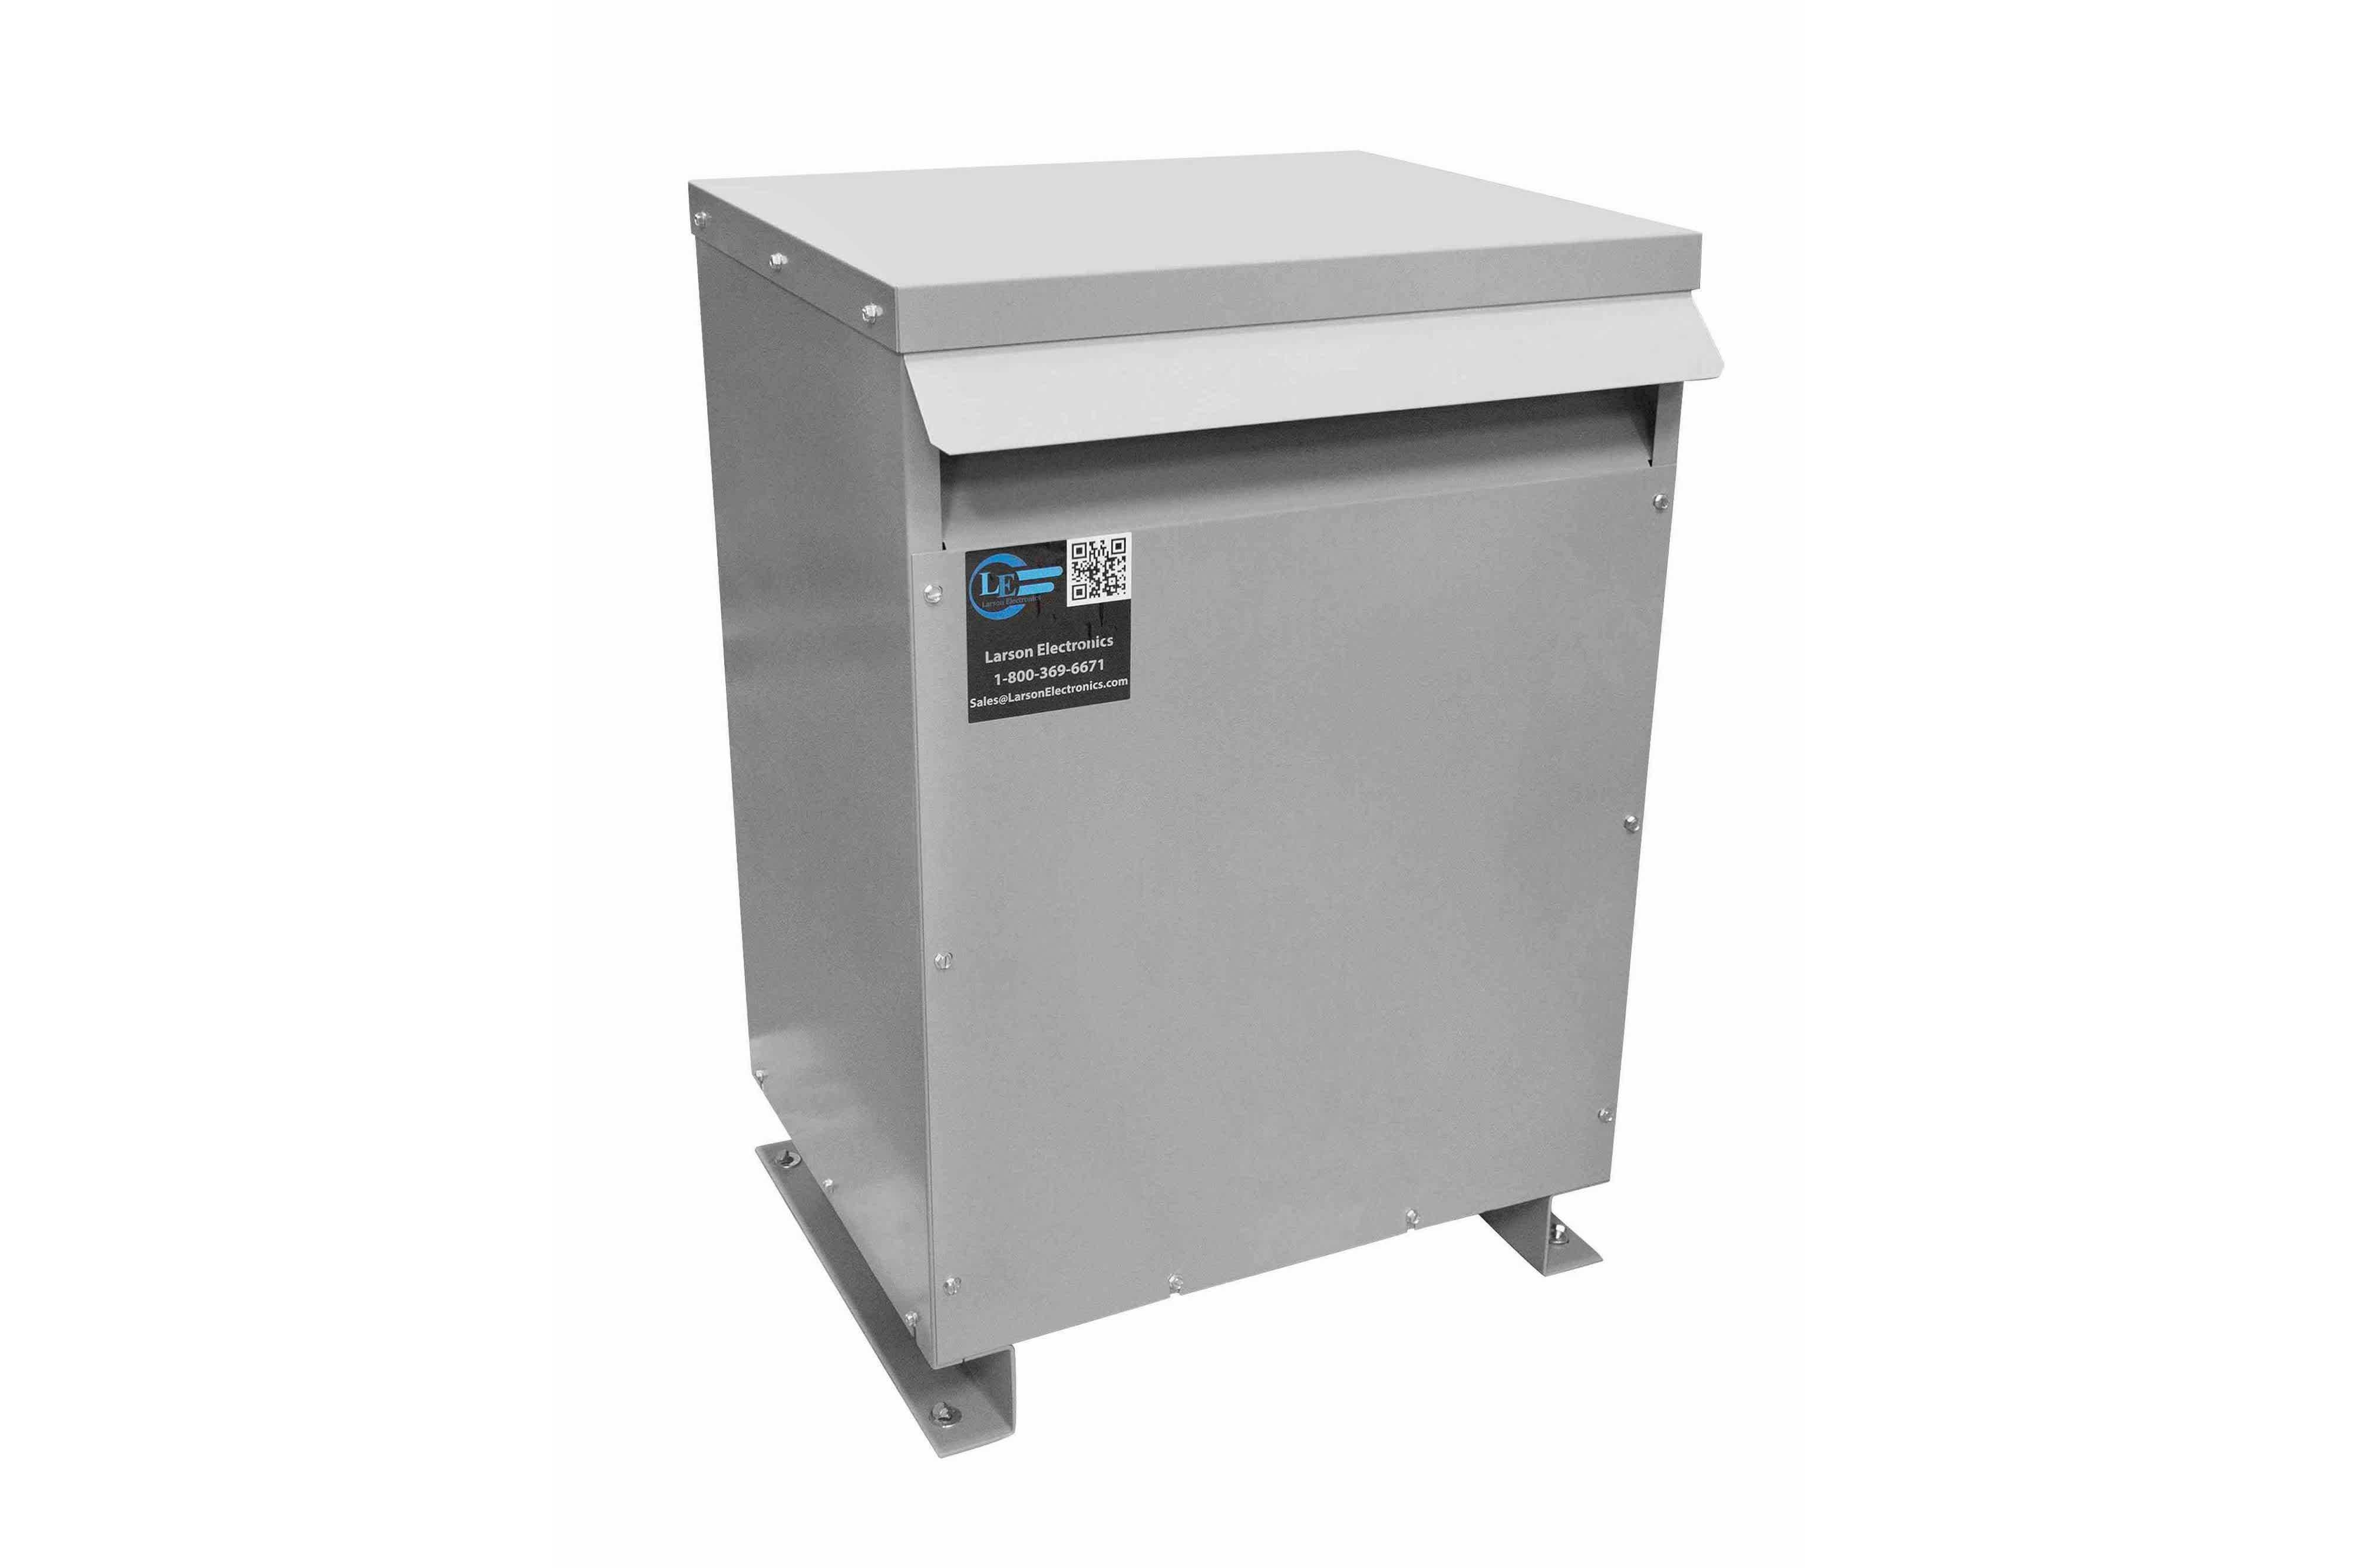 52.5 kVA 3PH Isolation Transformer, 208V Delta Primary, 600V Delta Secondary, N3R, Ventilated, 60 Hz